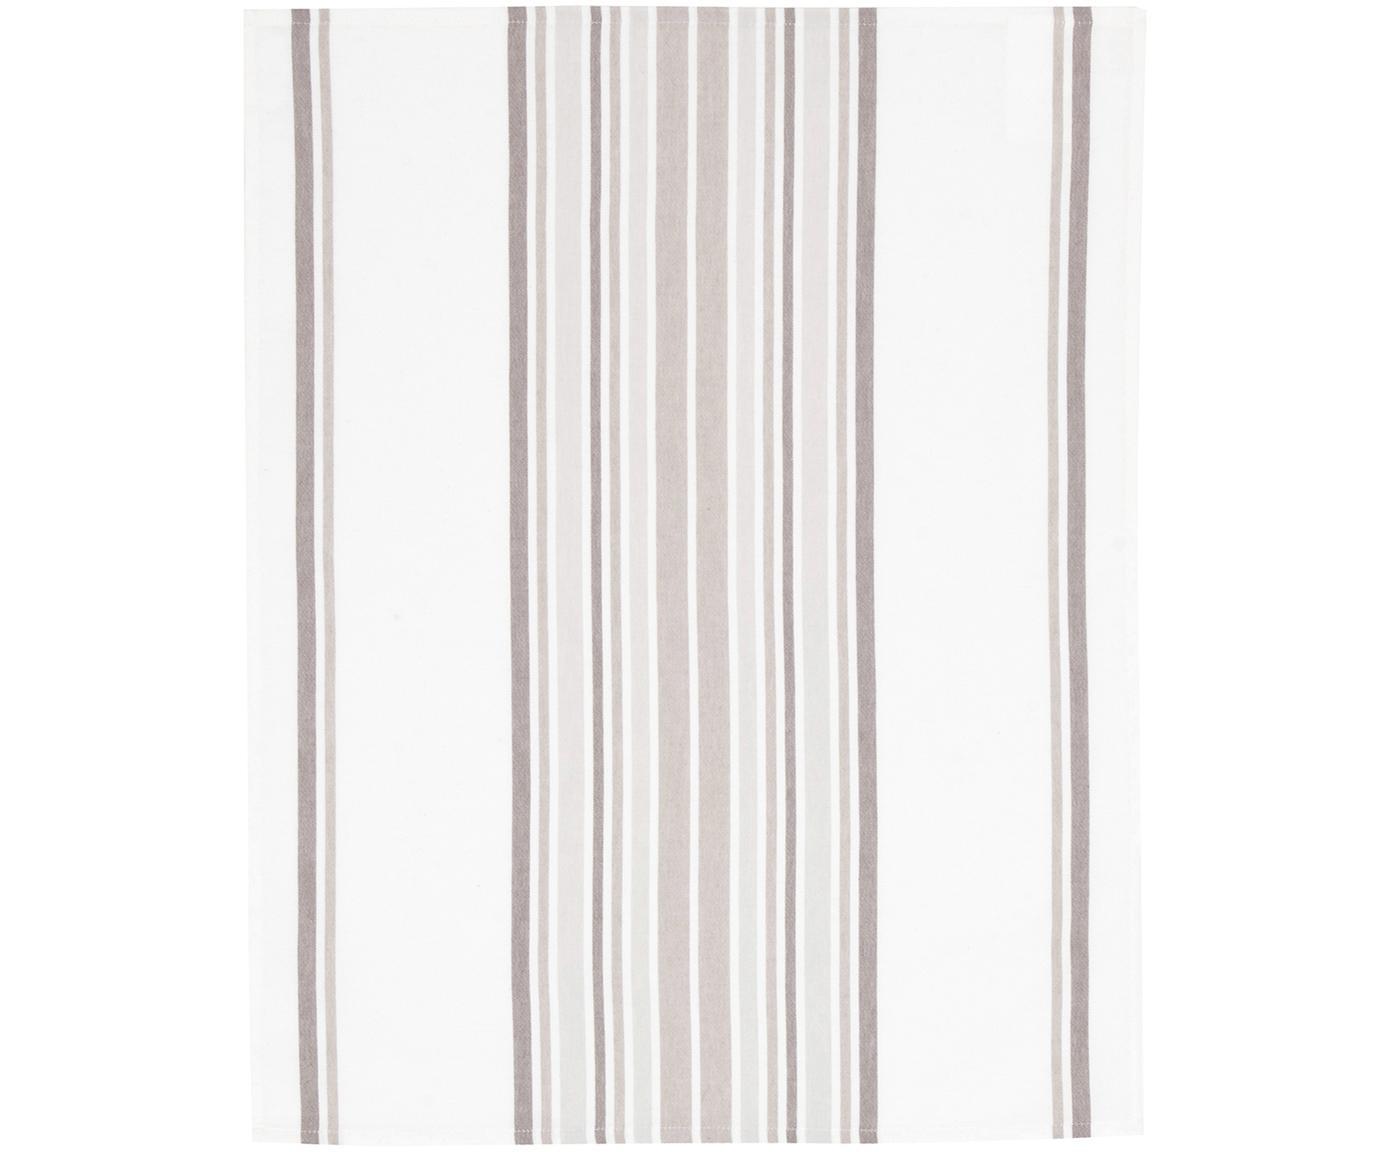 Theedoeken Katie, 2 stuks, Katoen, Wit, beige, 50 x 70 cm